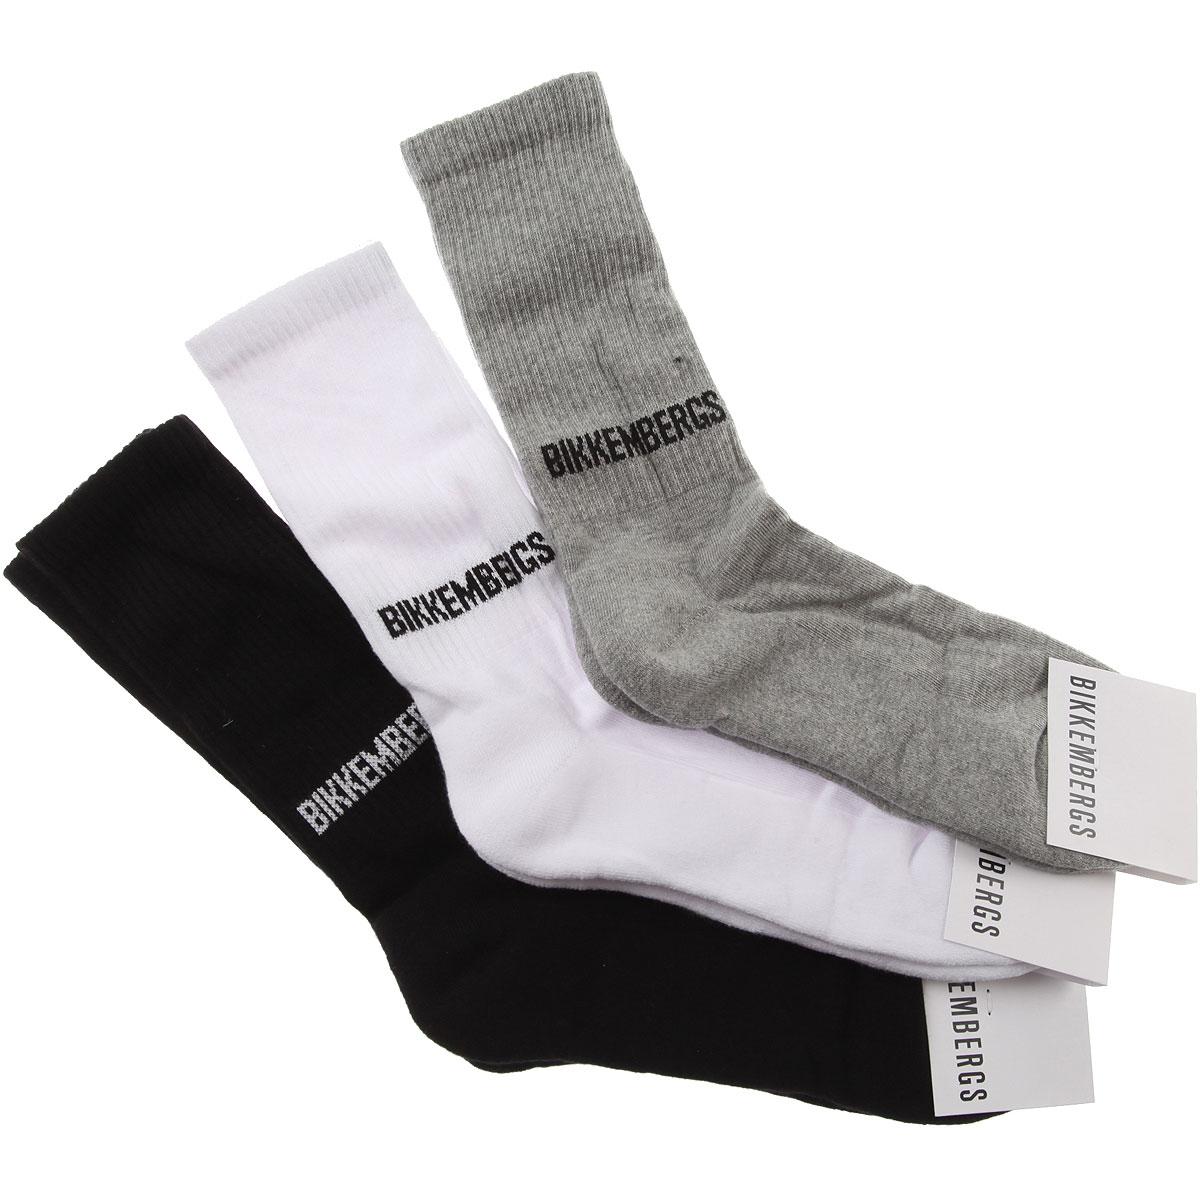 Bikkembergs Socks Socks for Men, 3 Pack, Black, Cotton, 2019, S - M L - XL